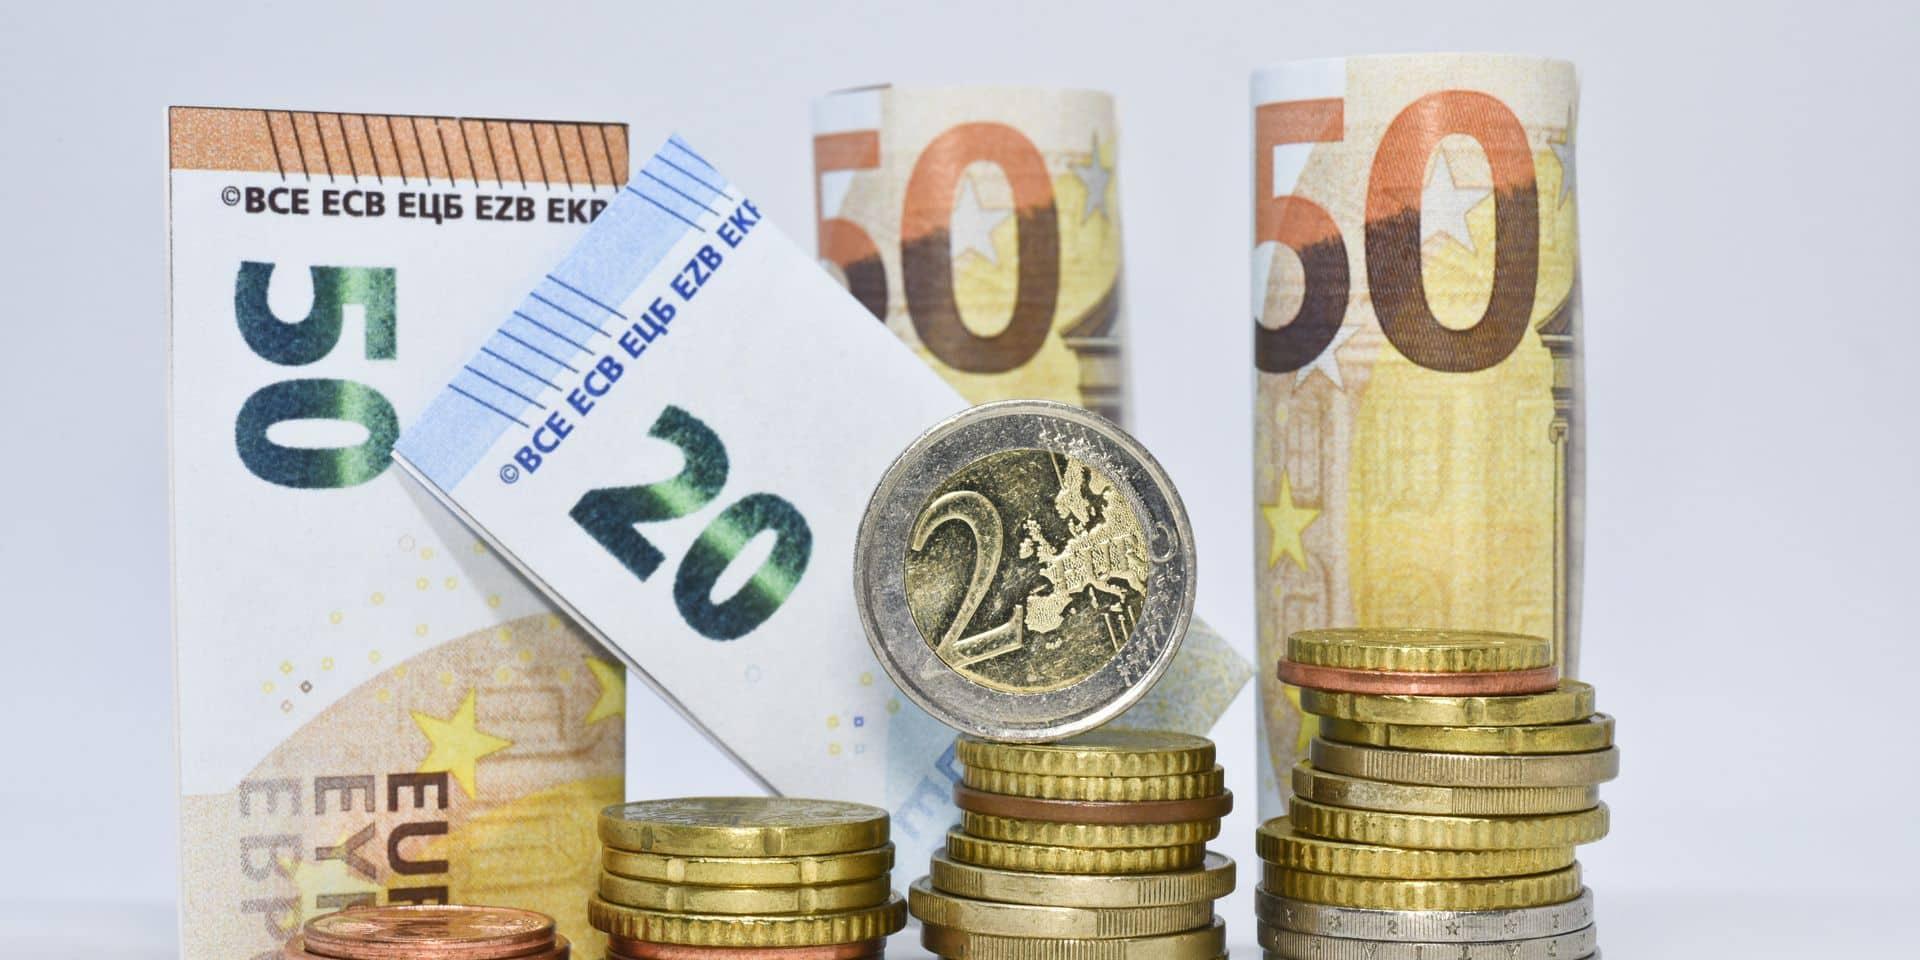 L'écart salarial entre hommes et femmes s'est réduit de ... 3 euros